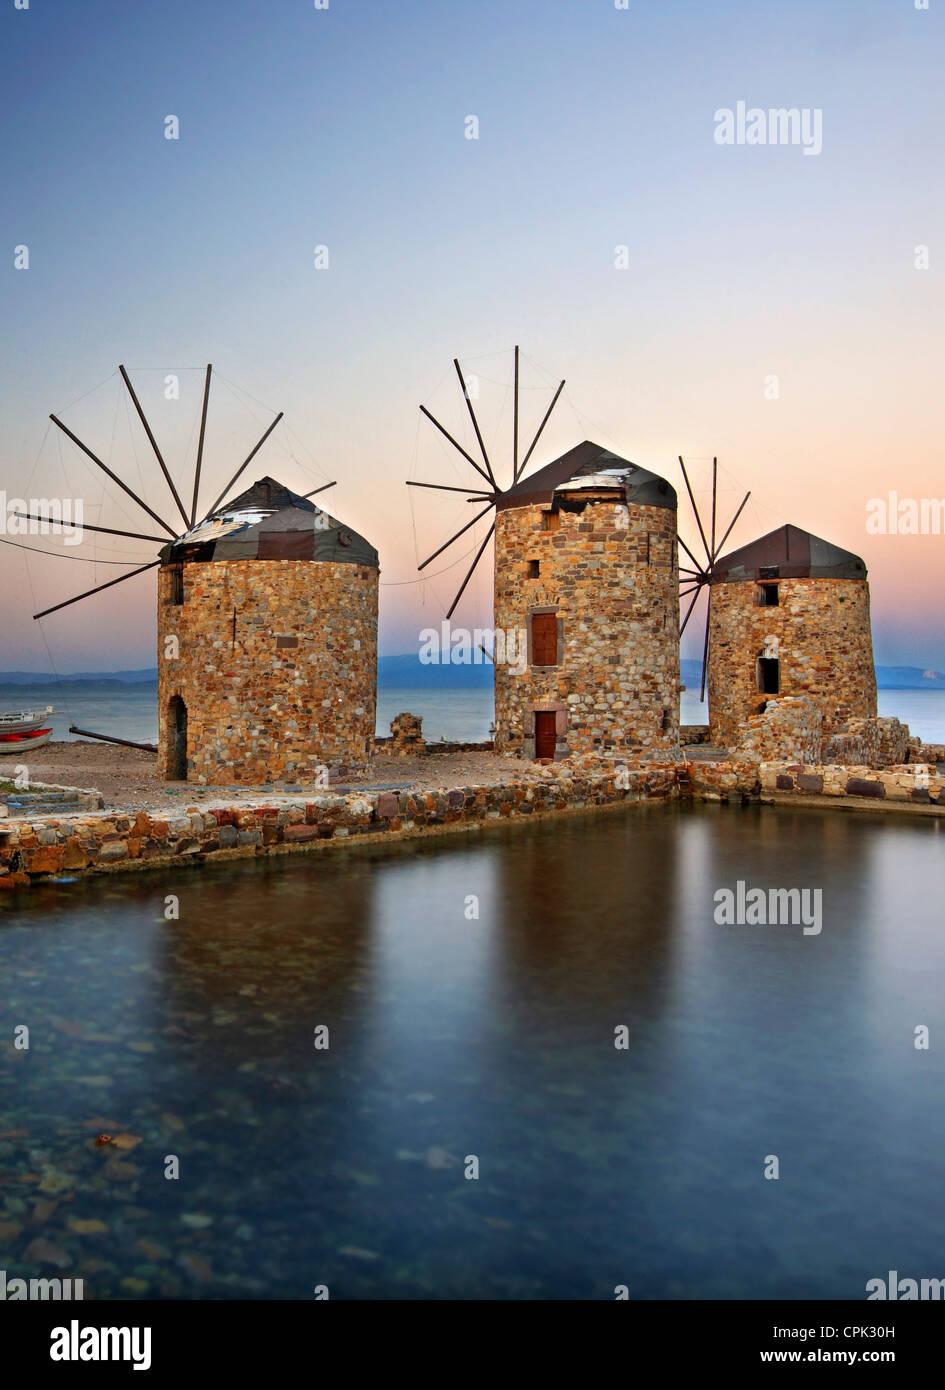 Beaux moulins à vent en bord de mer, dans la ville de Chios, l'île de Chios, au nord-est de la mer Photo Stock